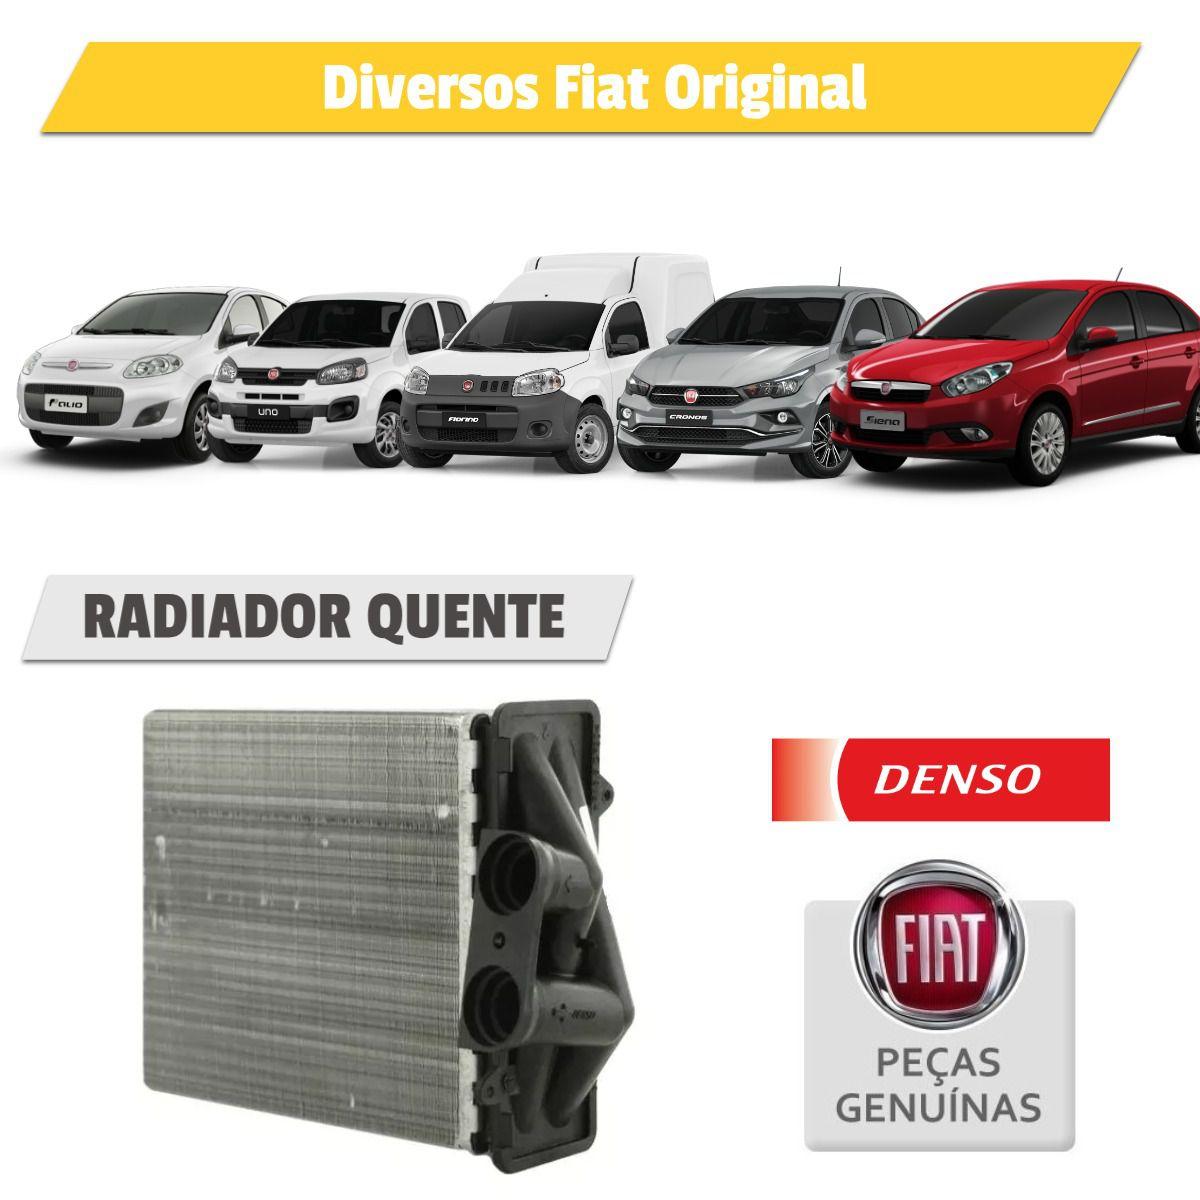 Radiador Ar Quente Fiat Argo, Cronos, Fiorino, Grand Siena, Palio E Uno - Denso  - Autoair